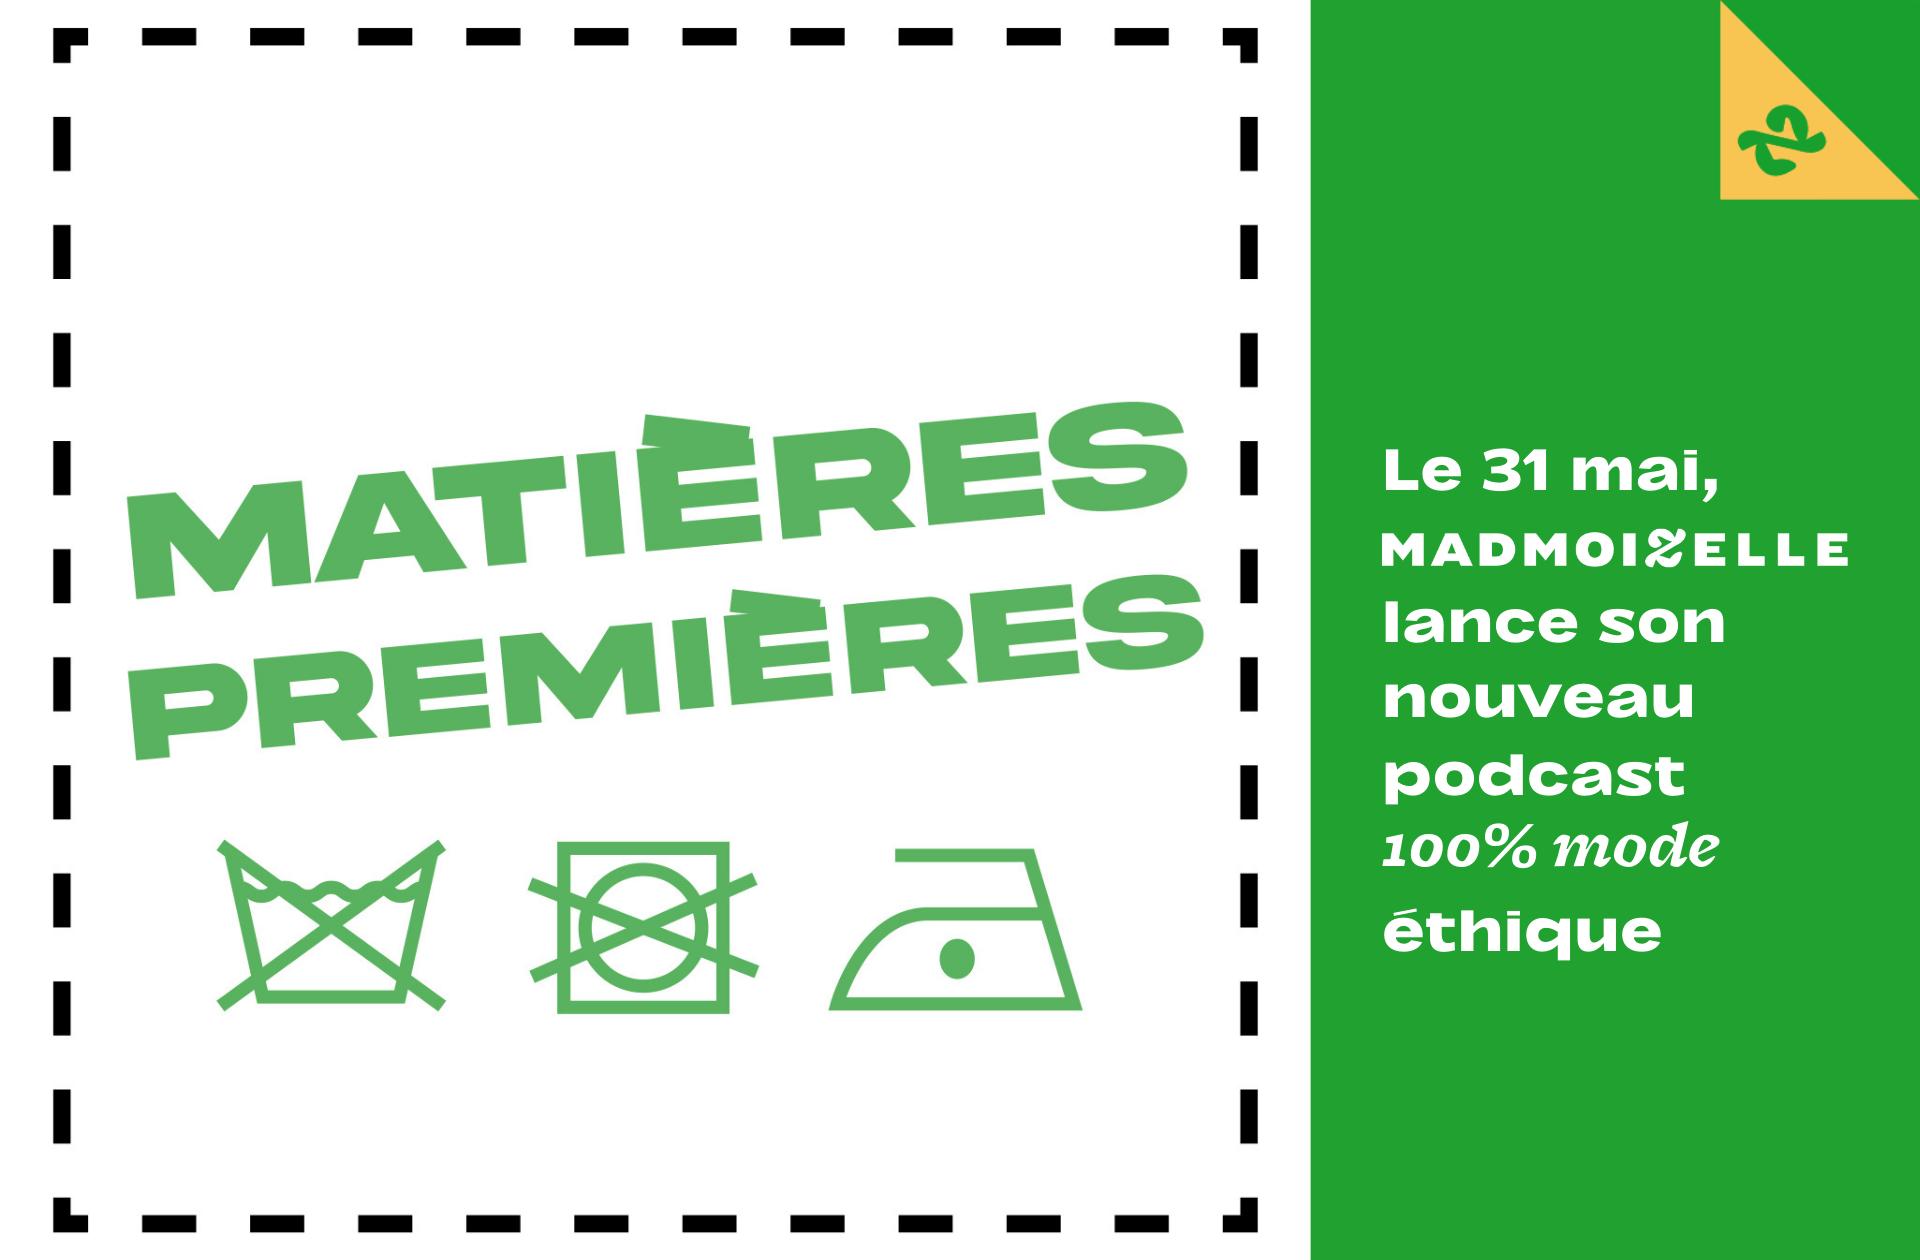 Madmoizelle lance «Matières Premières», son nouveau podcast sur la mode éthique, 100% transparent